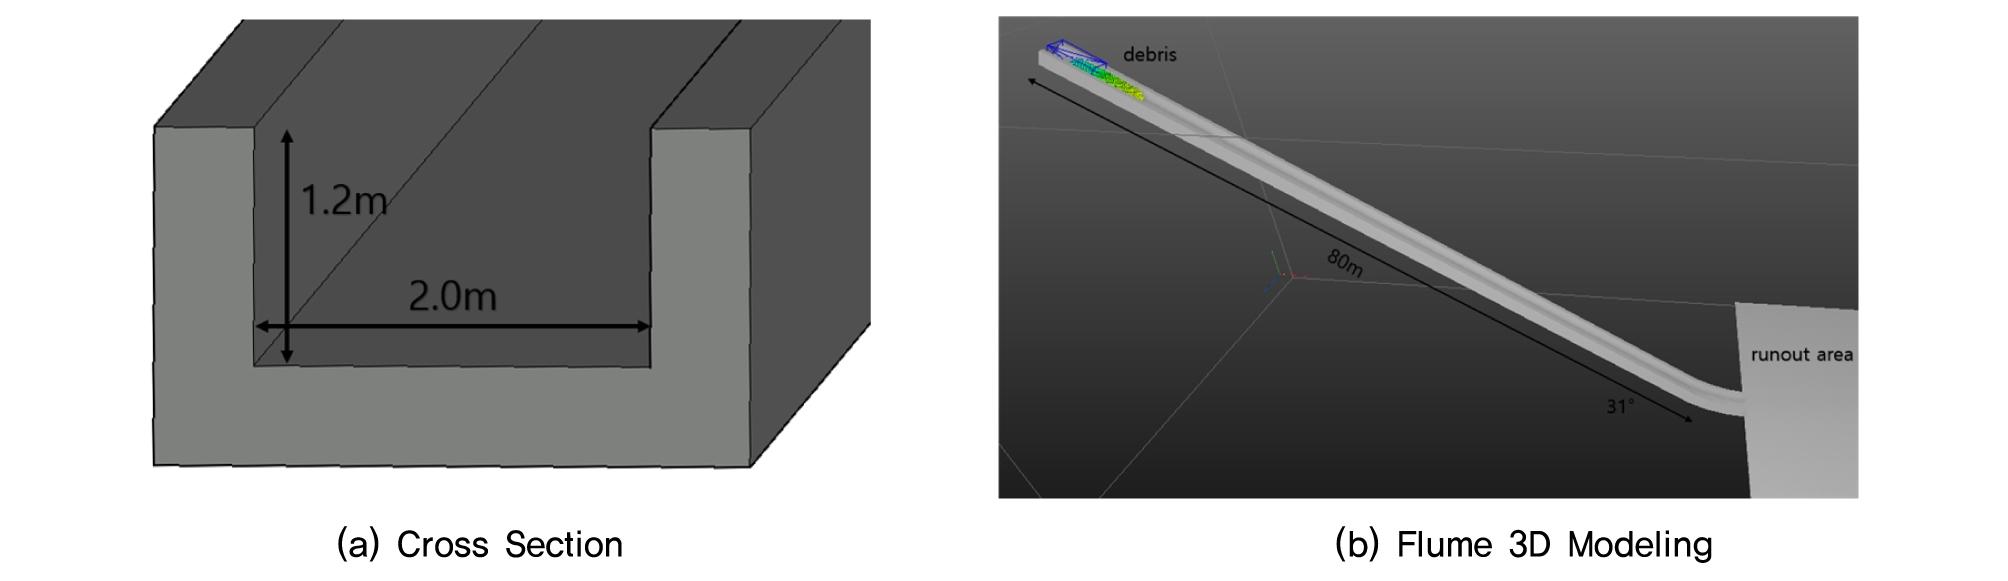 http://static.apub.kr/journalsite/sites/kgss/2020-019-03/N0150190301/images/kgss_19_03_01_F4.jpg